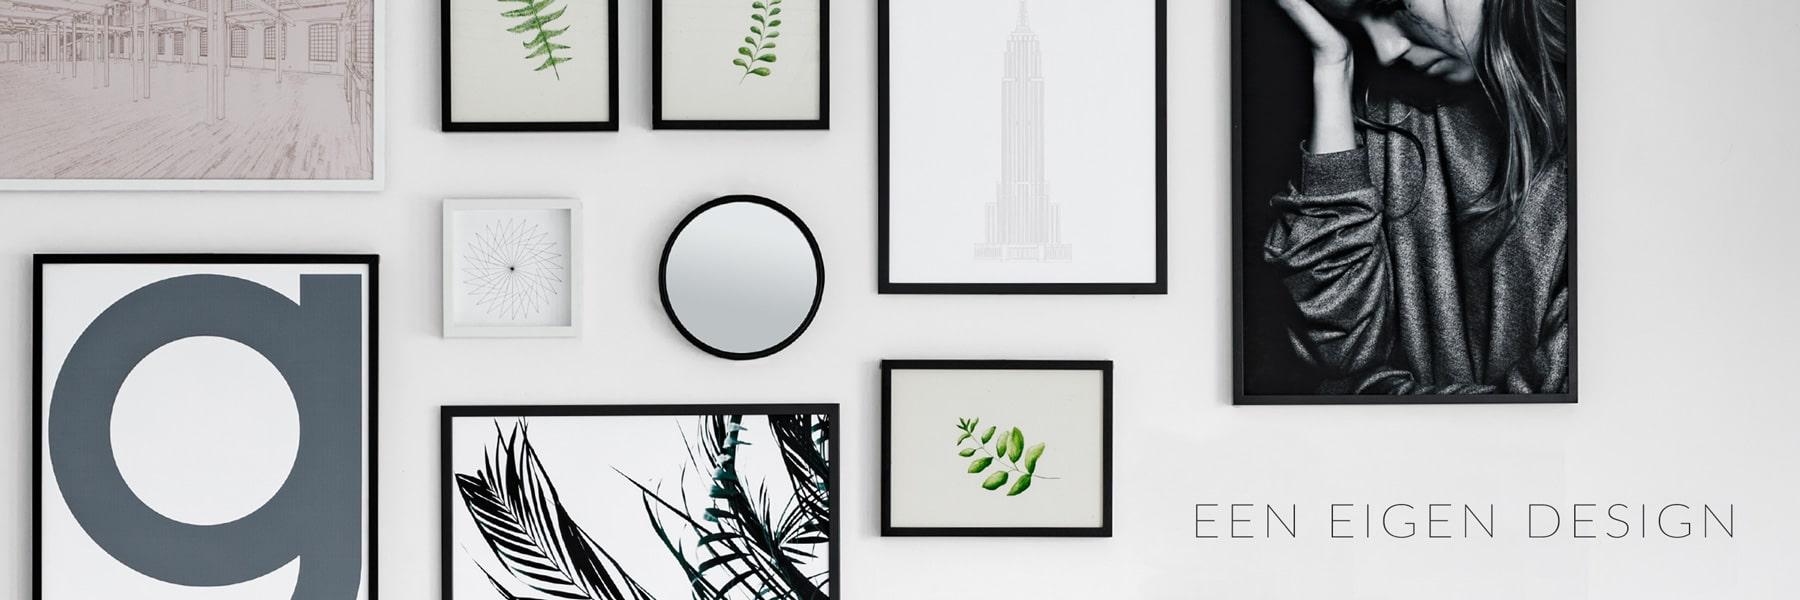 Grafische vormgeving voor particulieren: jouw eigen design voor mooie en waardevolle momenten die een persoonlijk ontwerp waard zijn